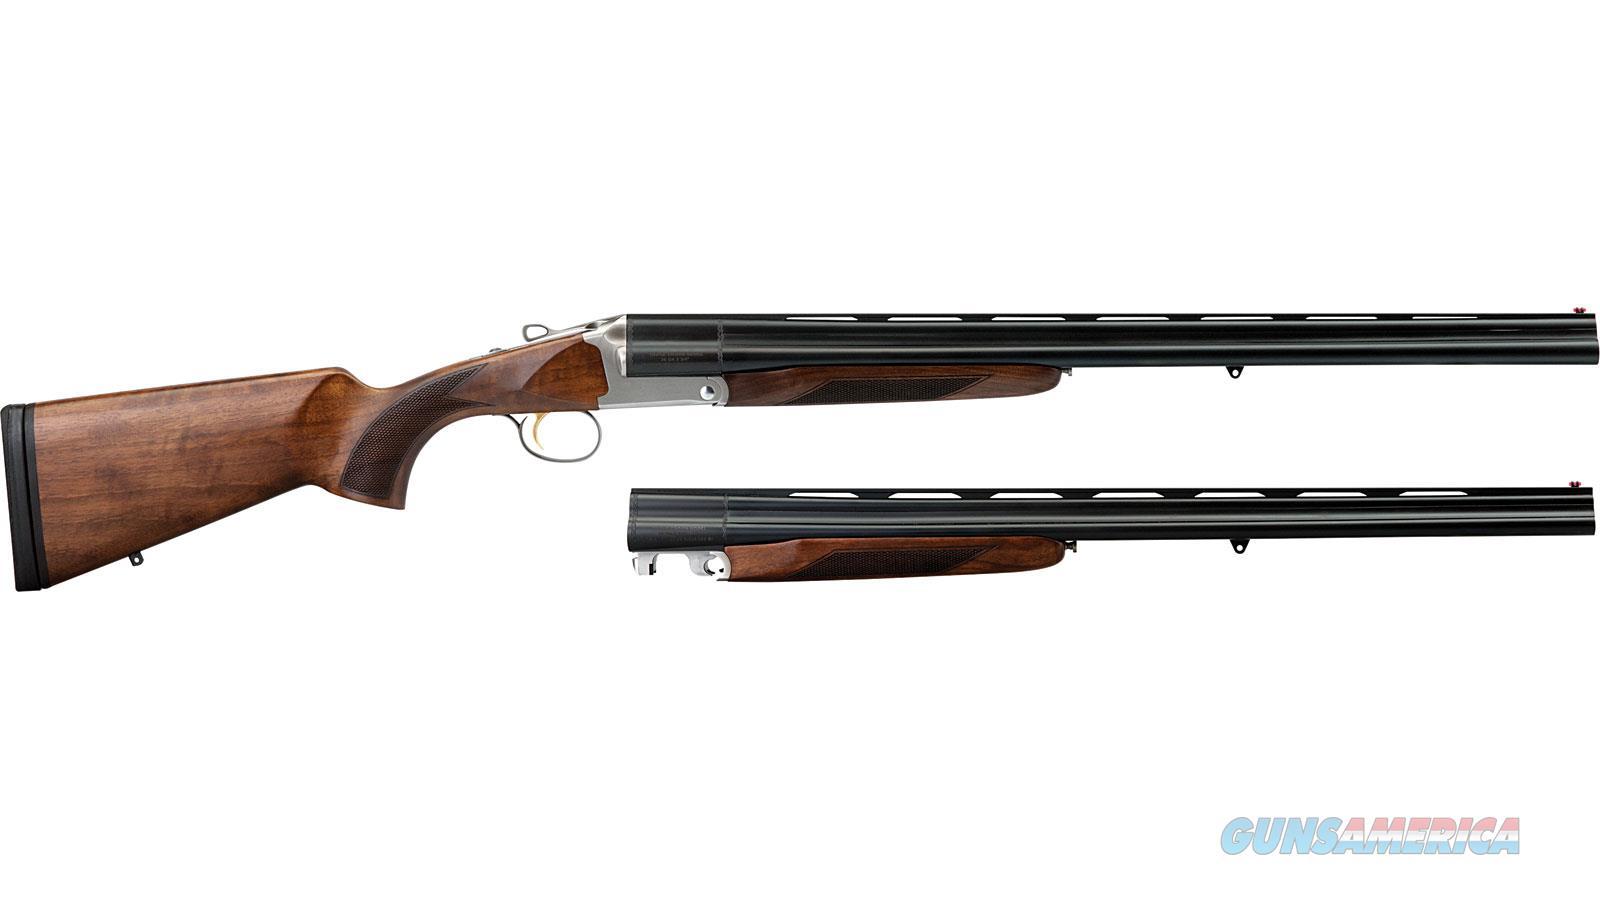 Charles Daly Trpl Crwn 2Bbl Set 930.125  Guns > Rifles > C Misc Rifles